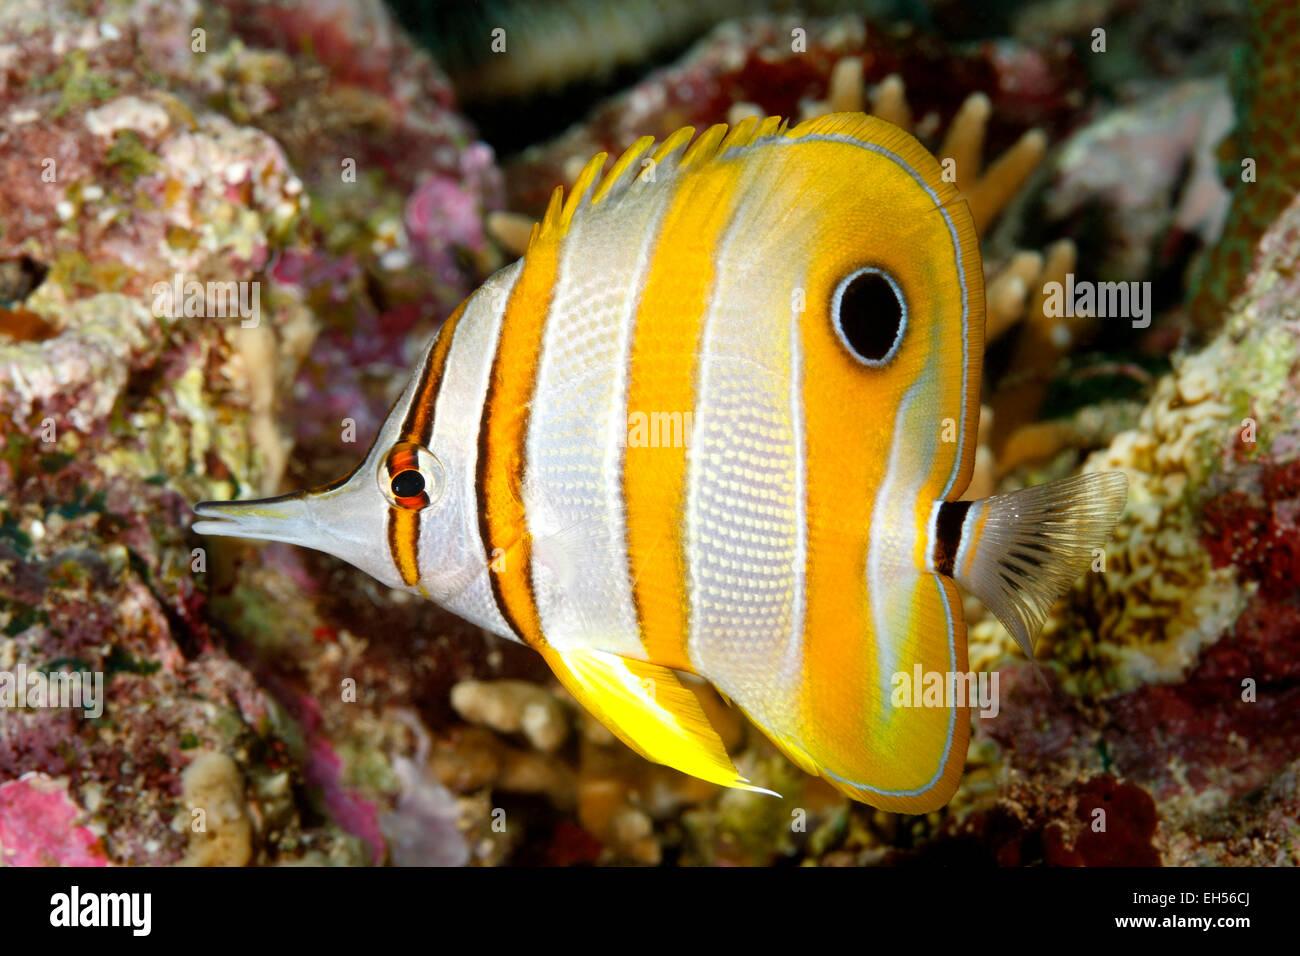 Beaked Coralfish, Chelmon rostratus. - Stock Image